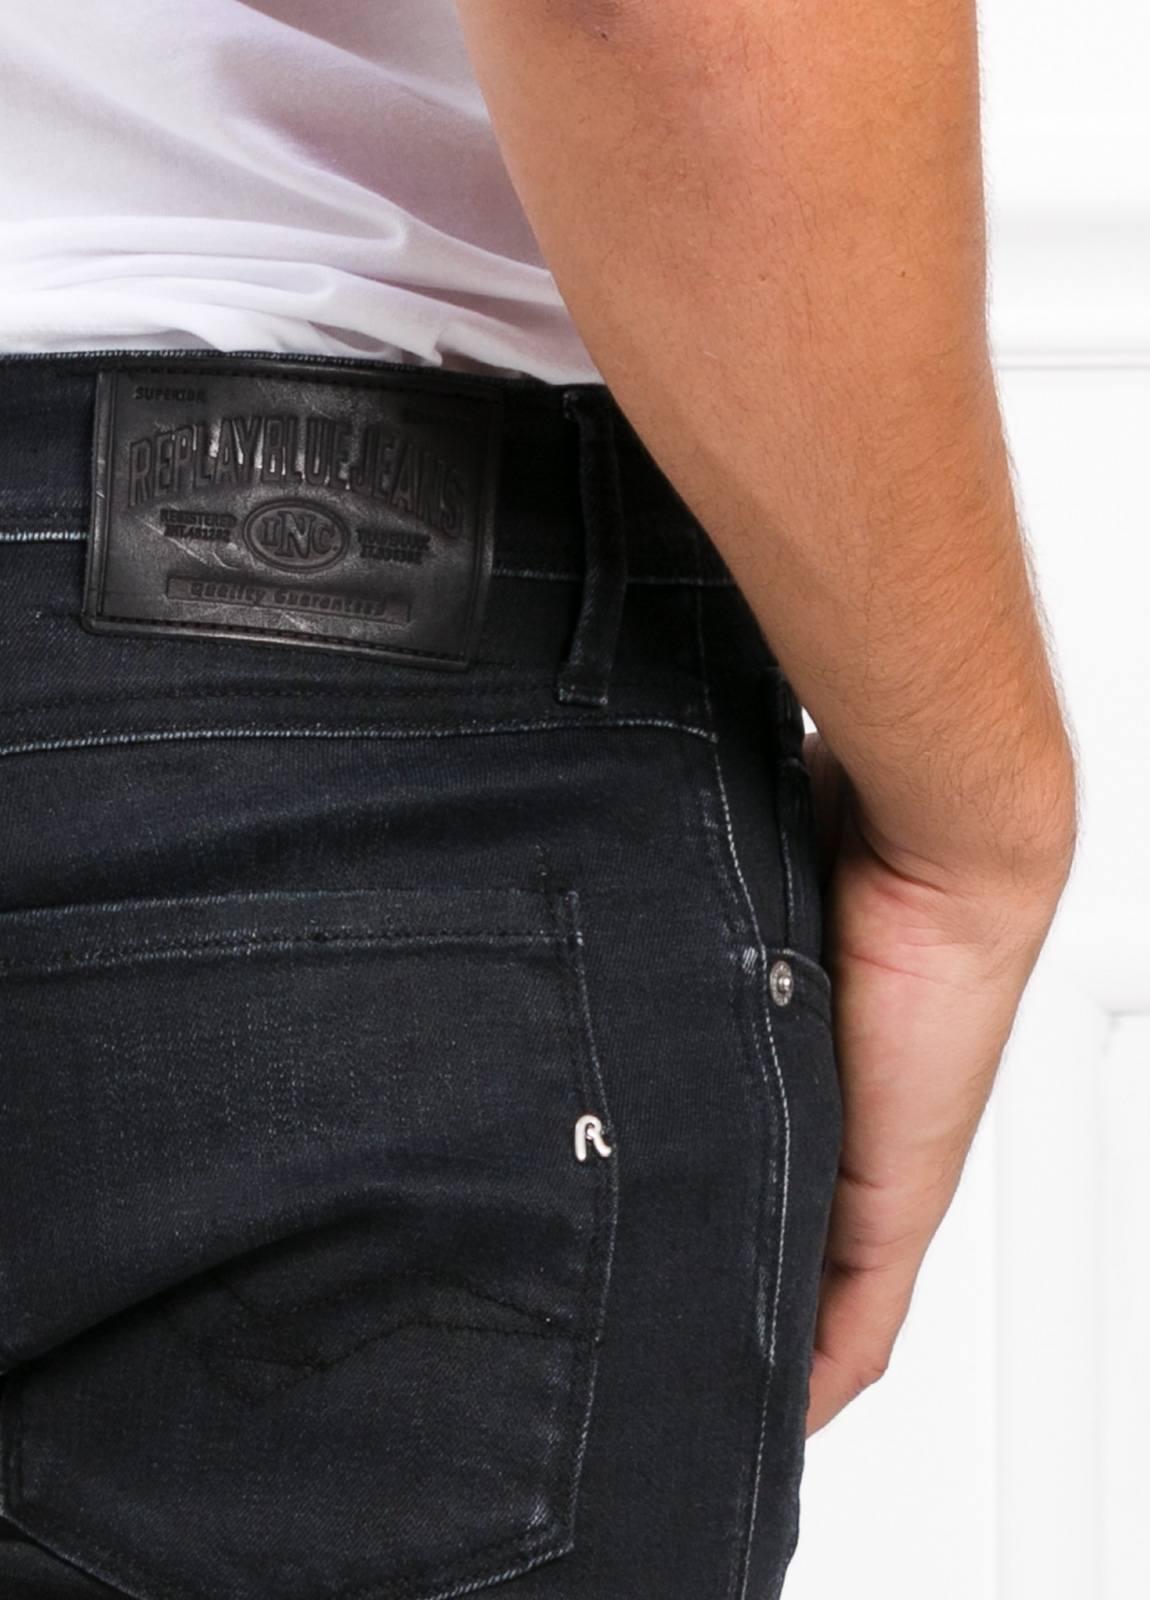 Pantalón tejano 12,5 oz SLIM 914J ANBASS color negro encerado. 90% Algodón 6% Pol. 4% Elastano. - Ítem1